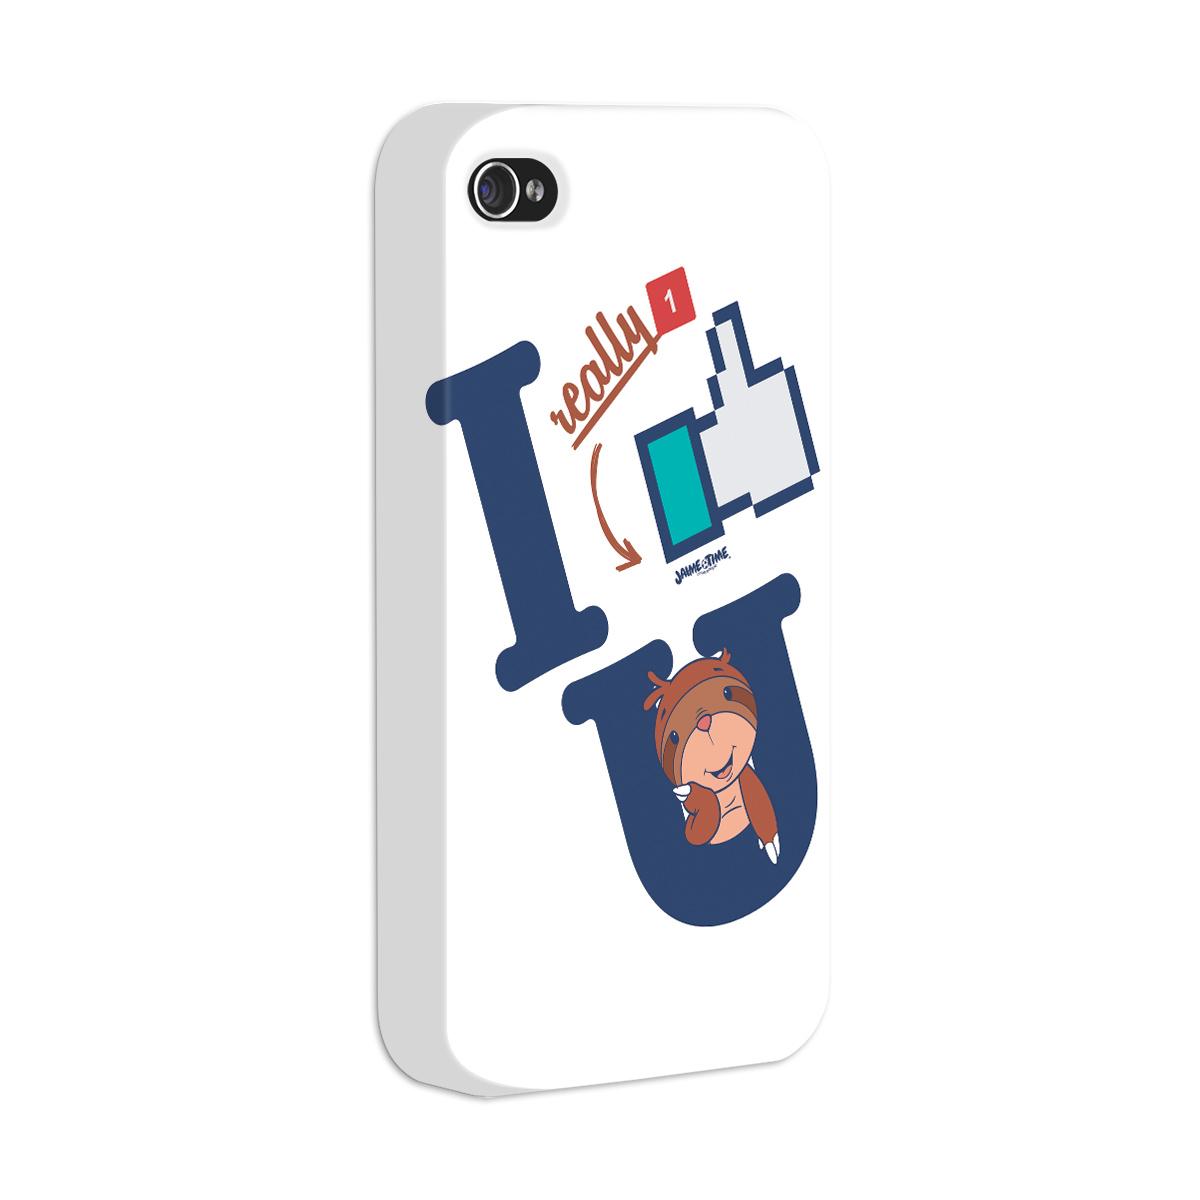 Capa para iPhone 4/4S Jaime I Like You